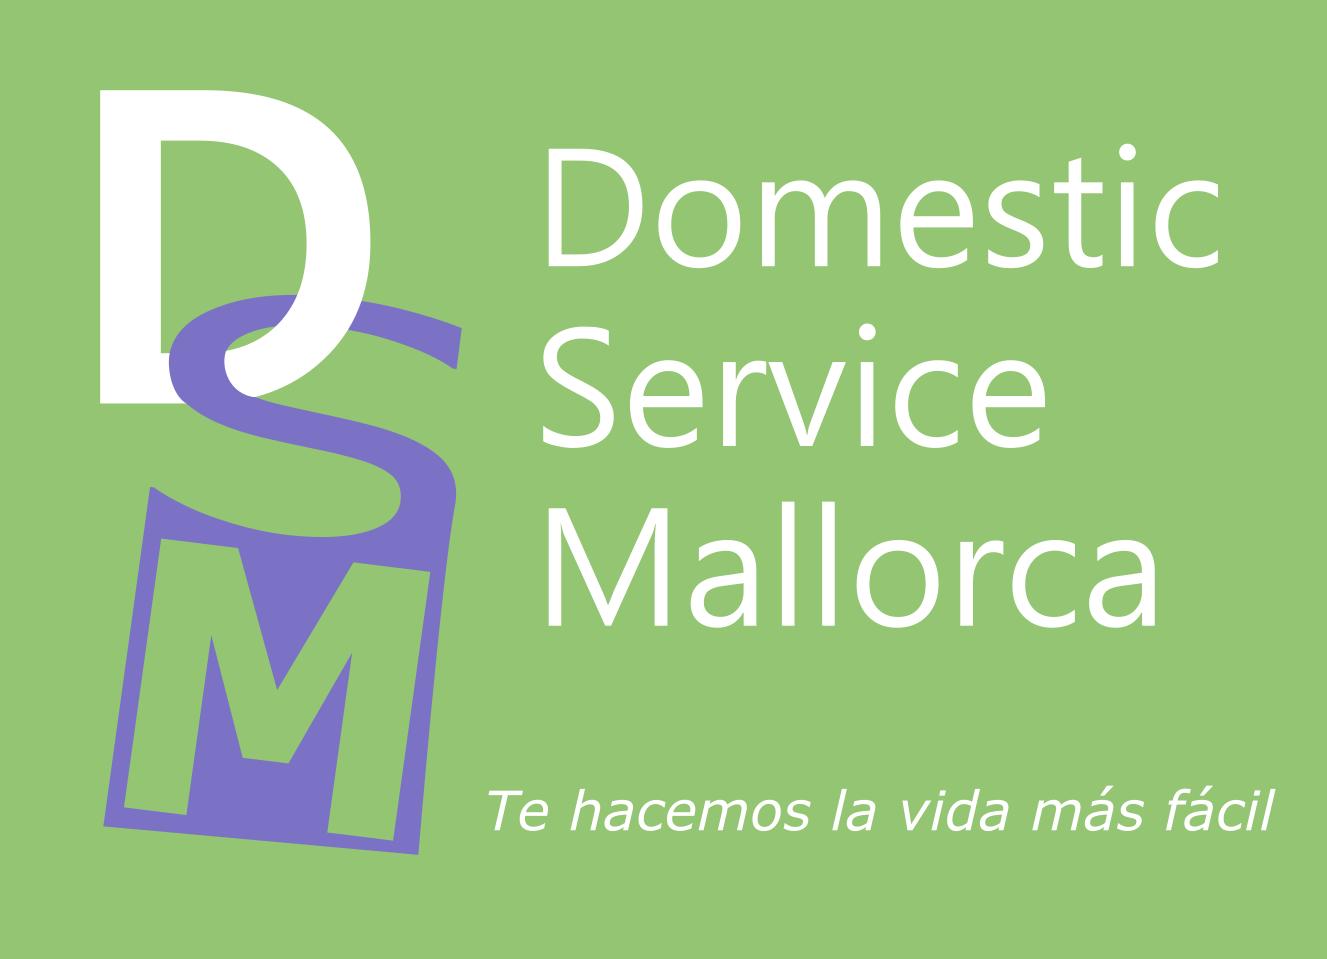 DSM - Domestic Service Mallorca - agencia de selección y colocación de personal de servicio doméstico en Mallorca | servicio doméstico Mallorca | servicio doméstico Palma | empleadas de hogar Mallorca